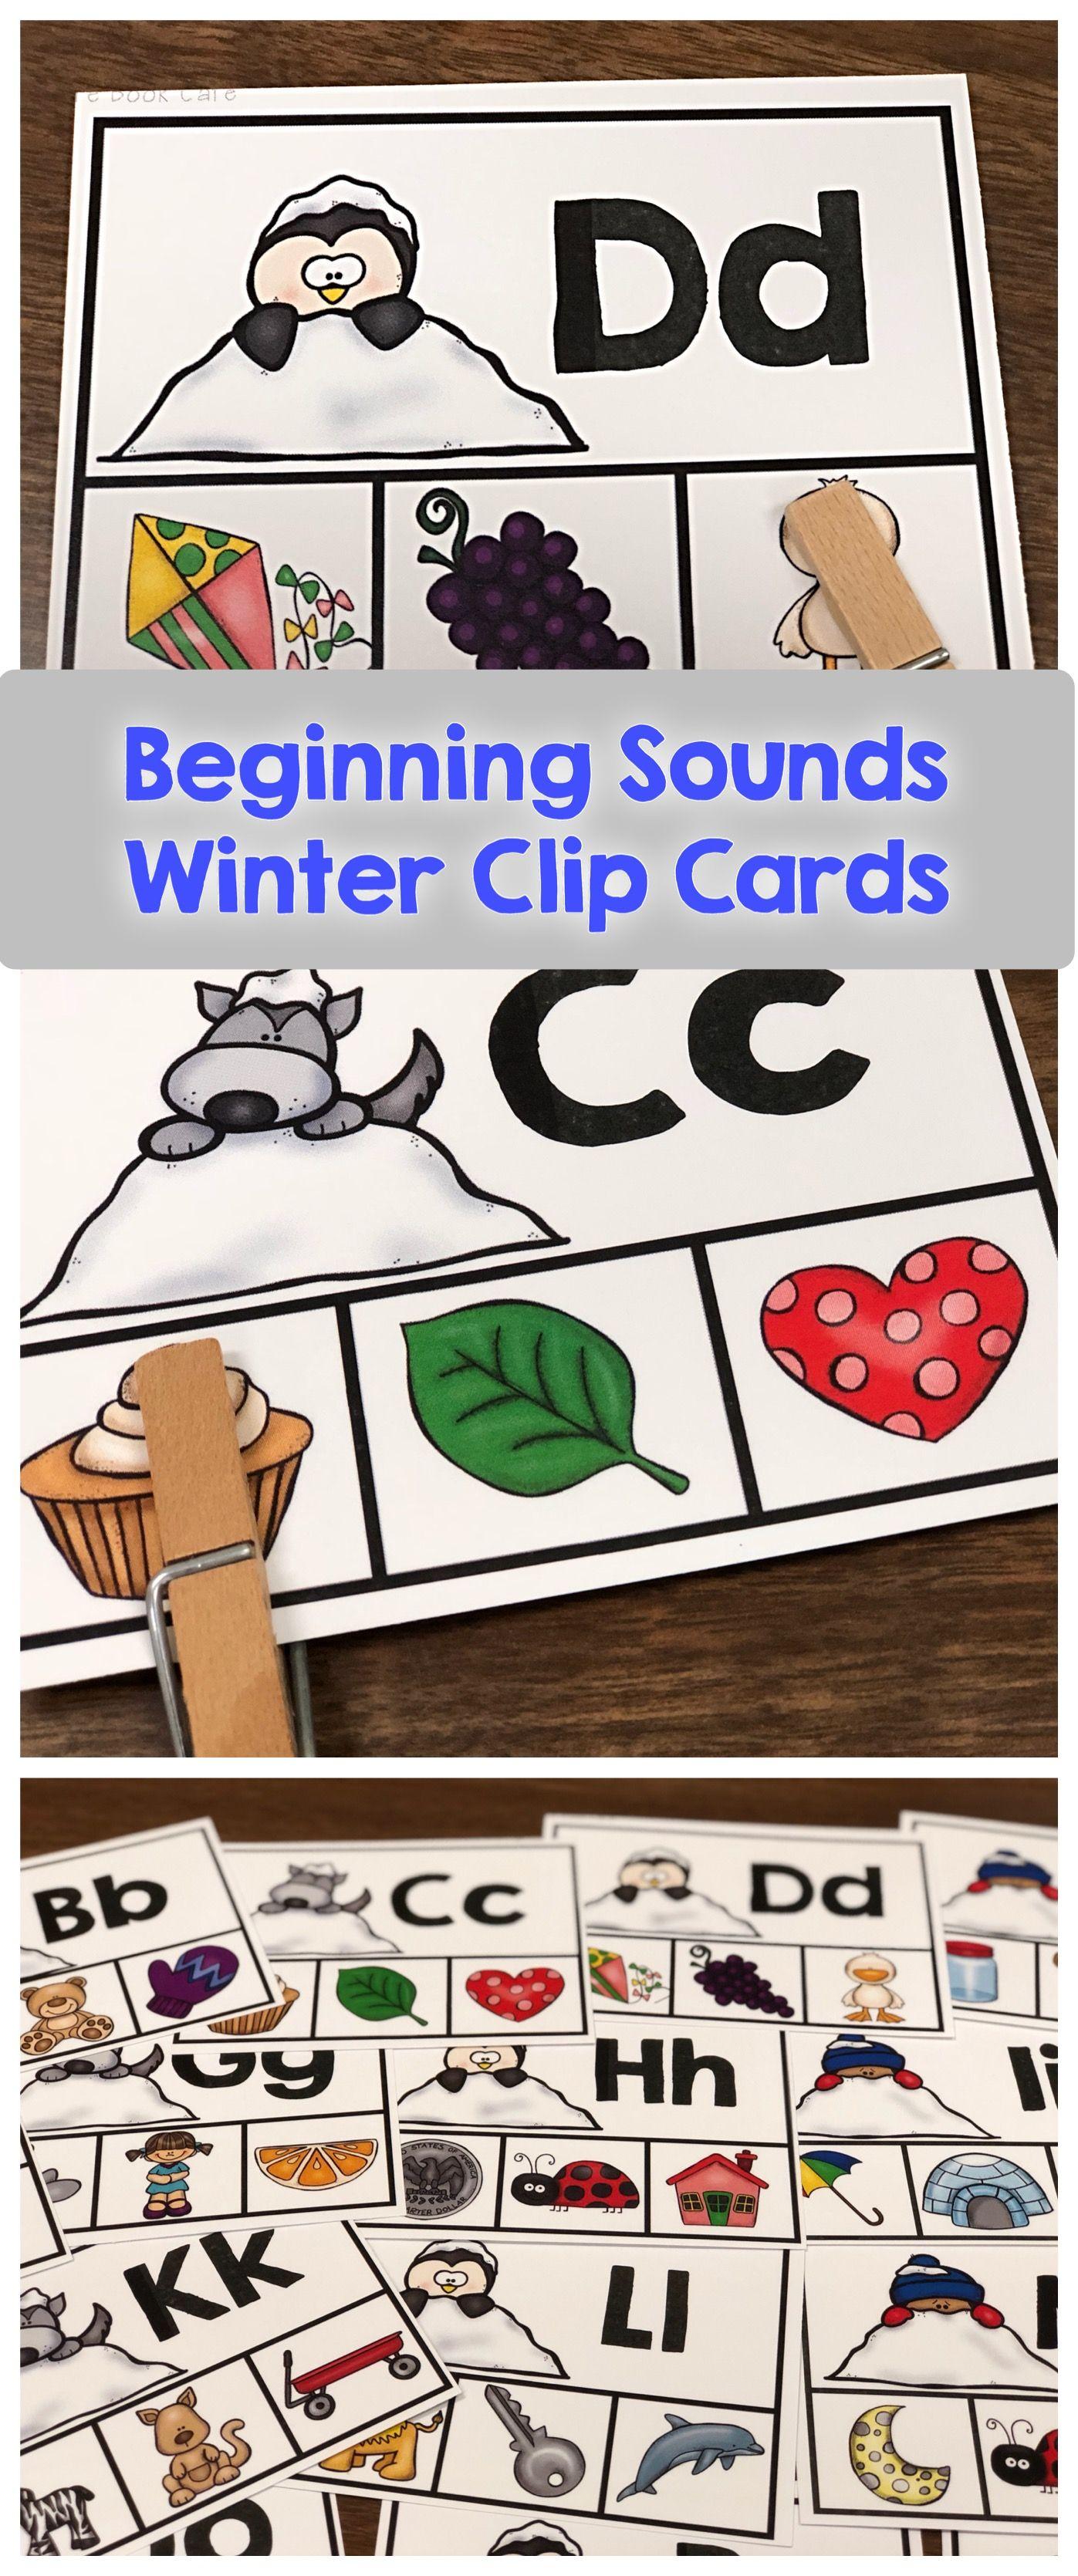 Beginning Sounds Winter Clip Cards